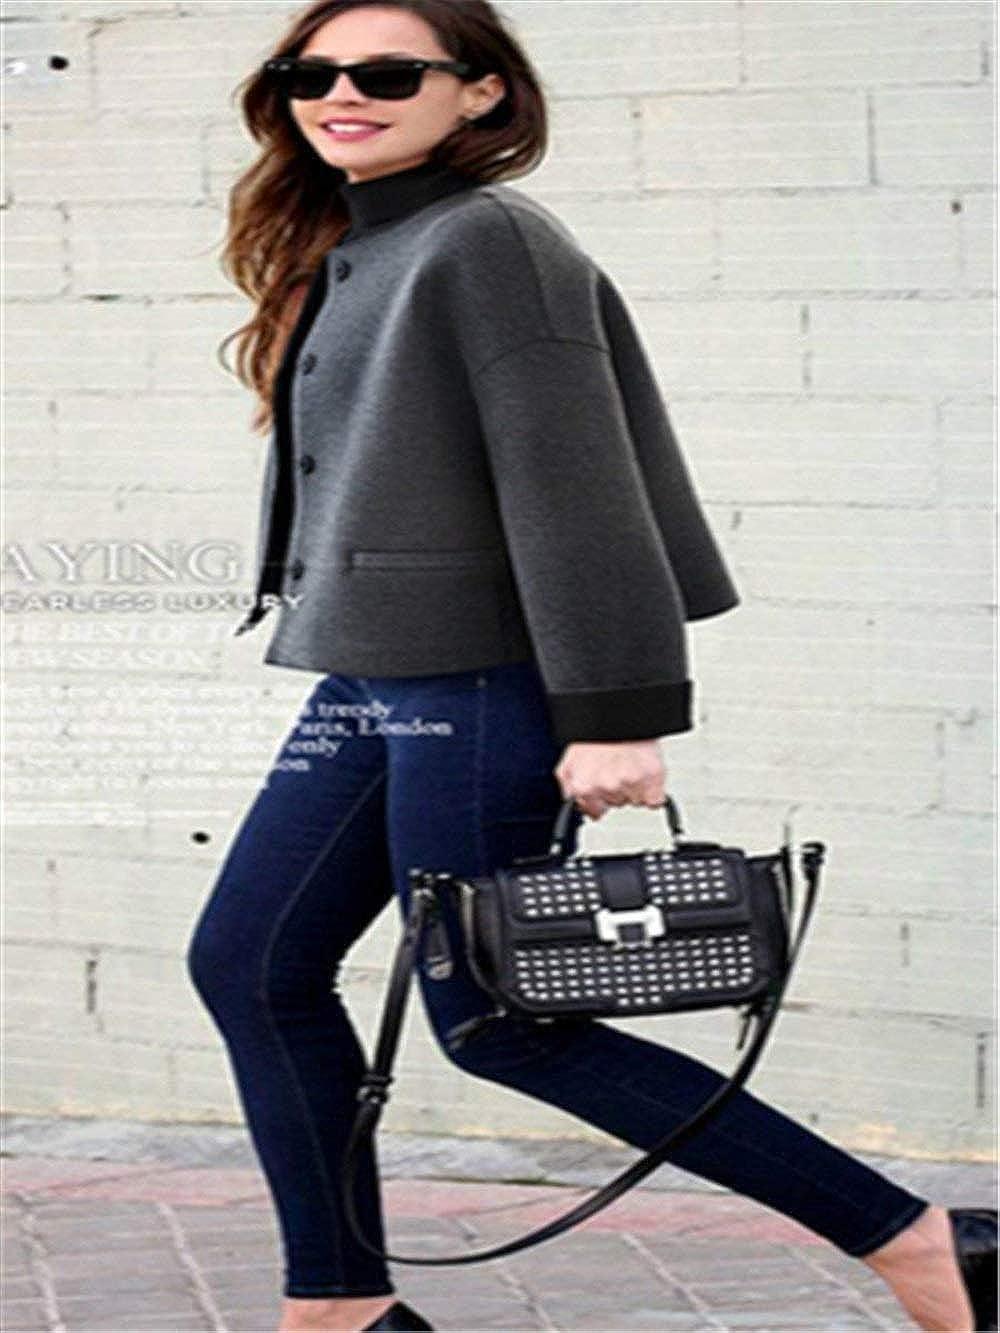 Giacche Donna Primaverile Autunno Manica Lunga Rotondo Collo Colori Solidi Cappotto Corto Eleganti Chic Fashion Sciolto Casual Vintage Outdoor Outerwear Giaccone Ragazza Grau